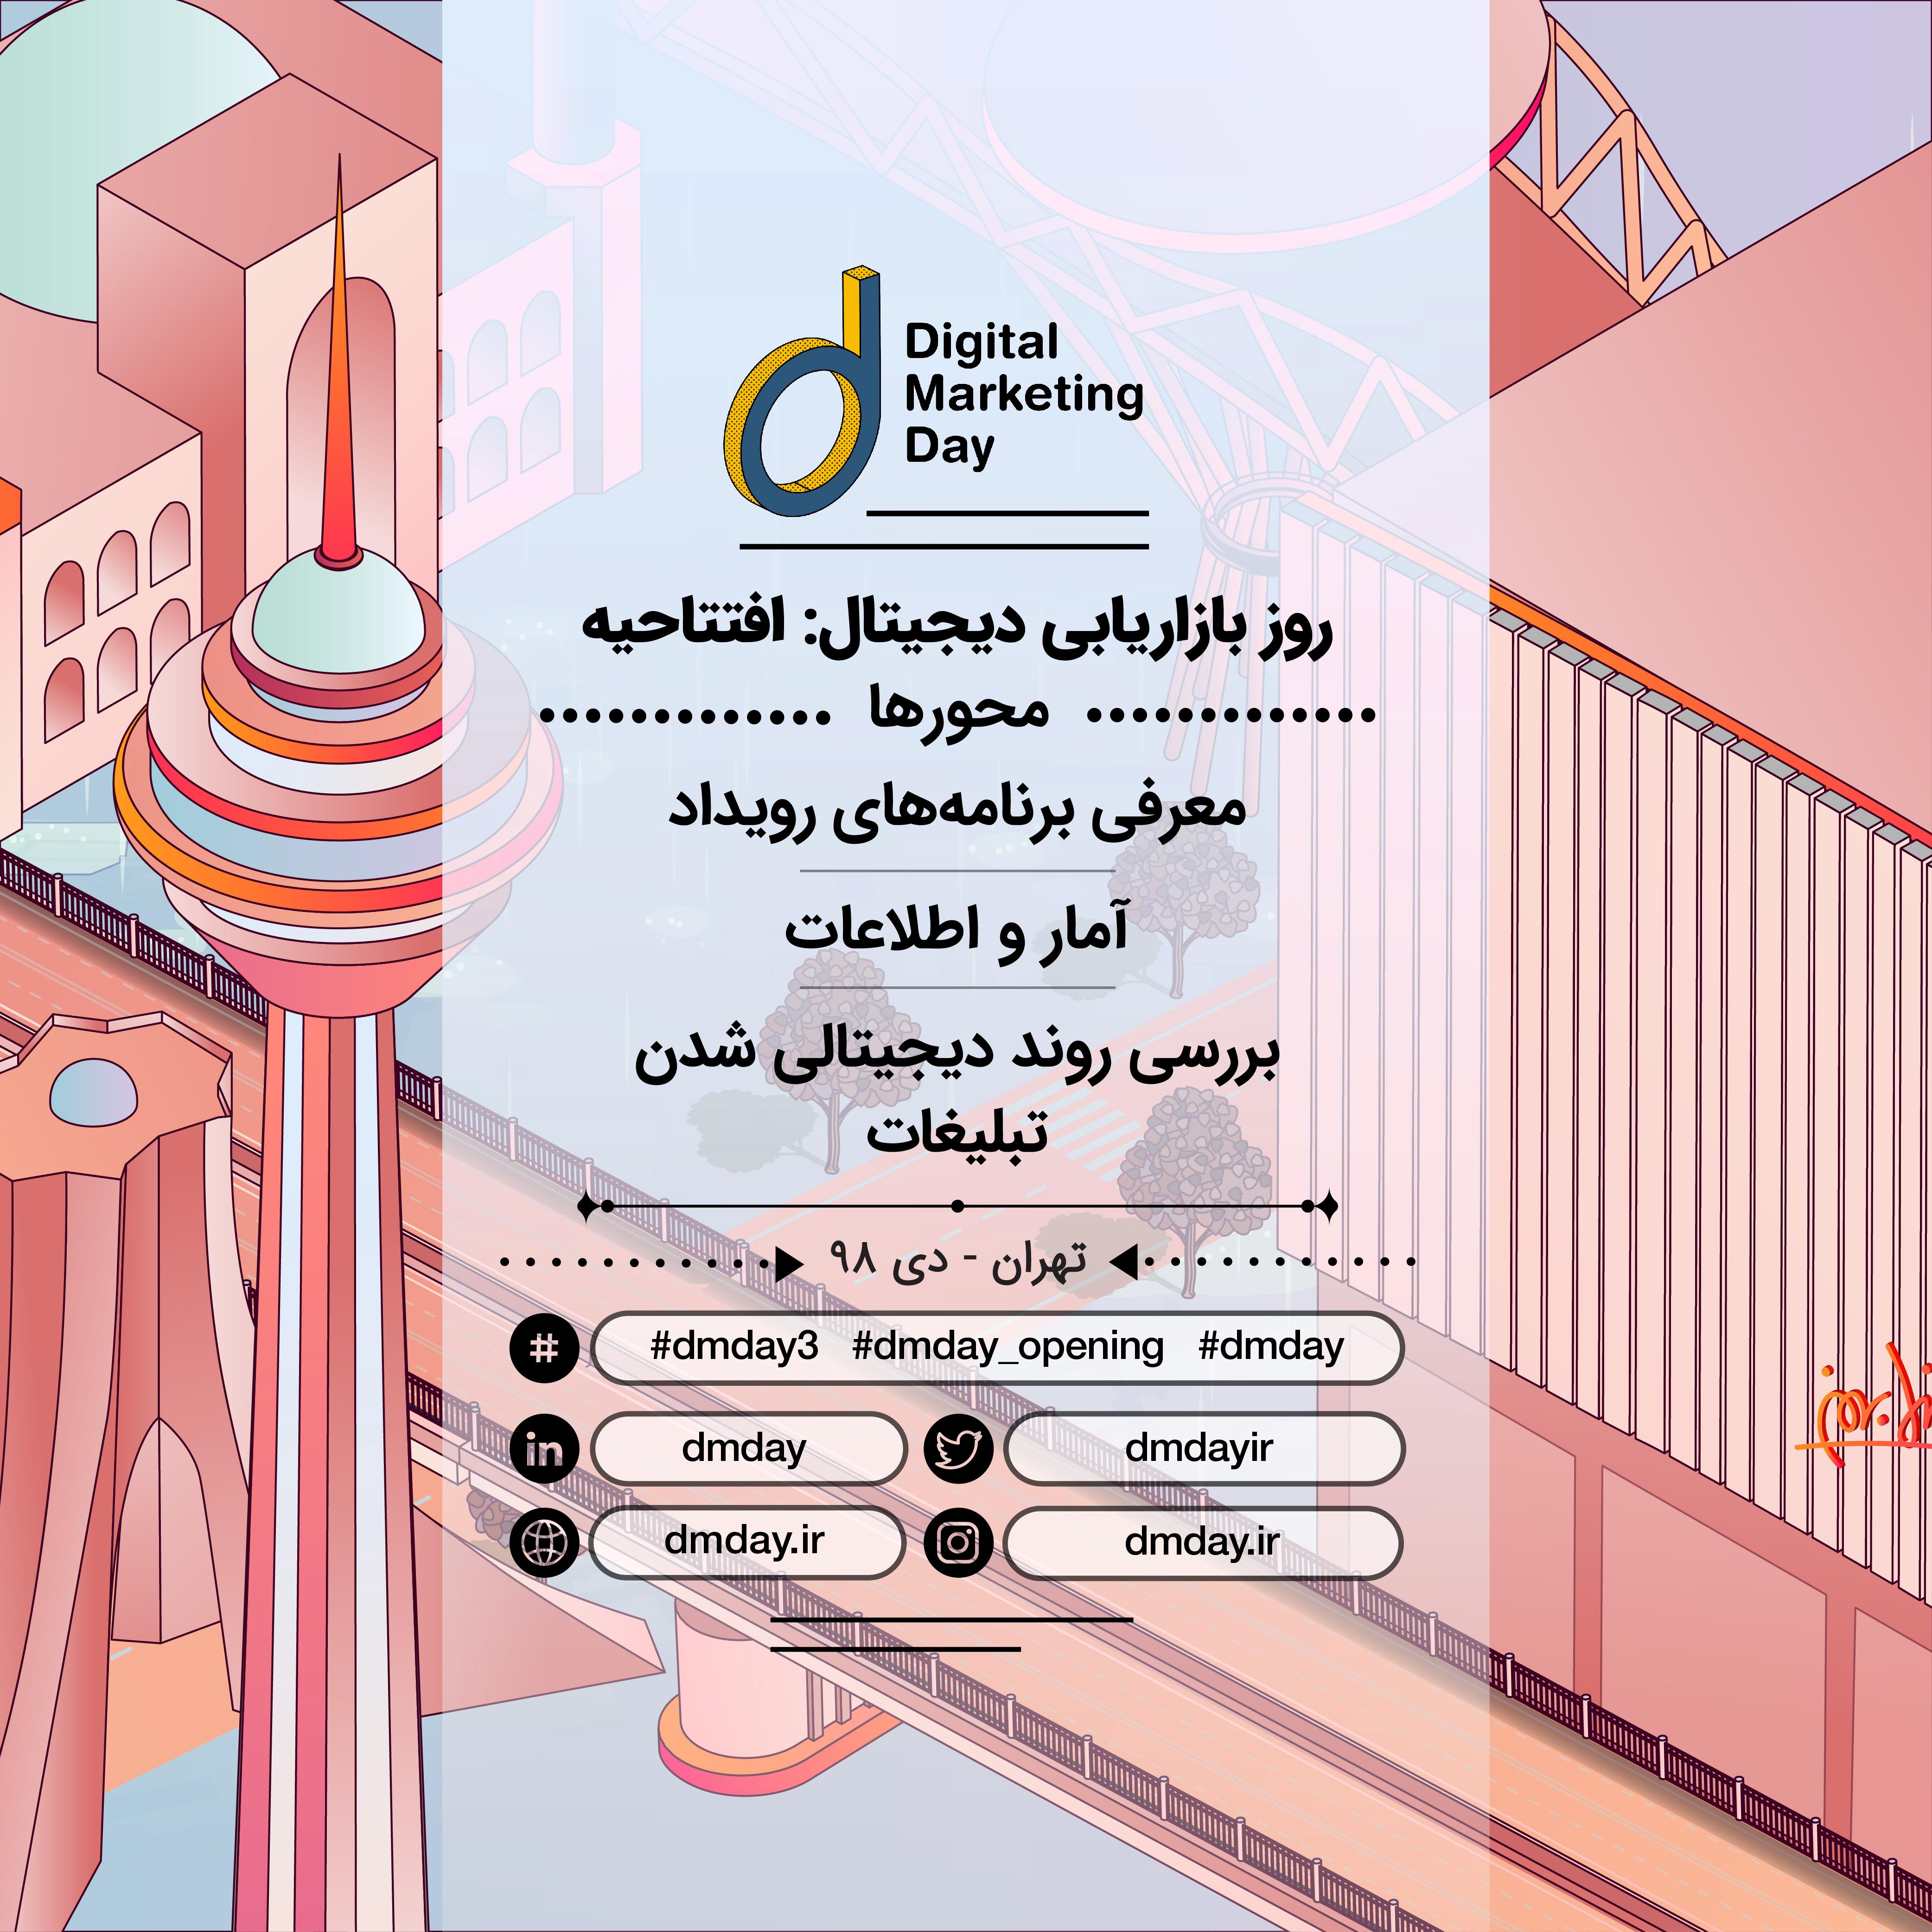 افتتاحیه سومین دوره رویداد روز بازاریابی دیجیتال!